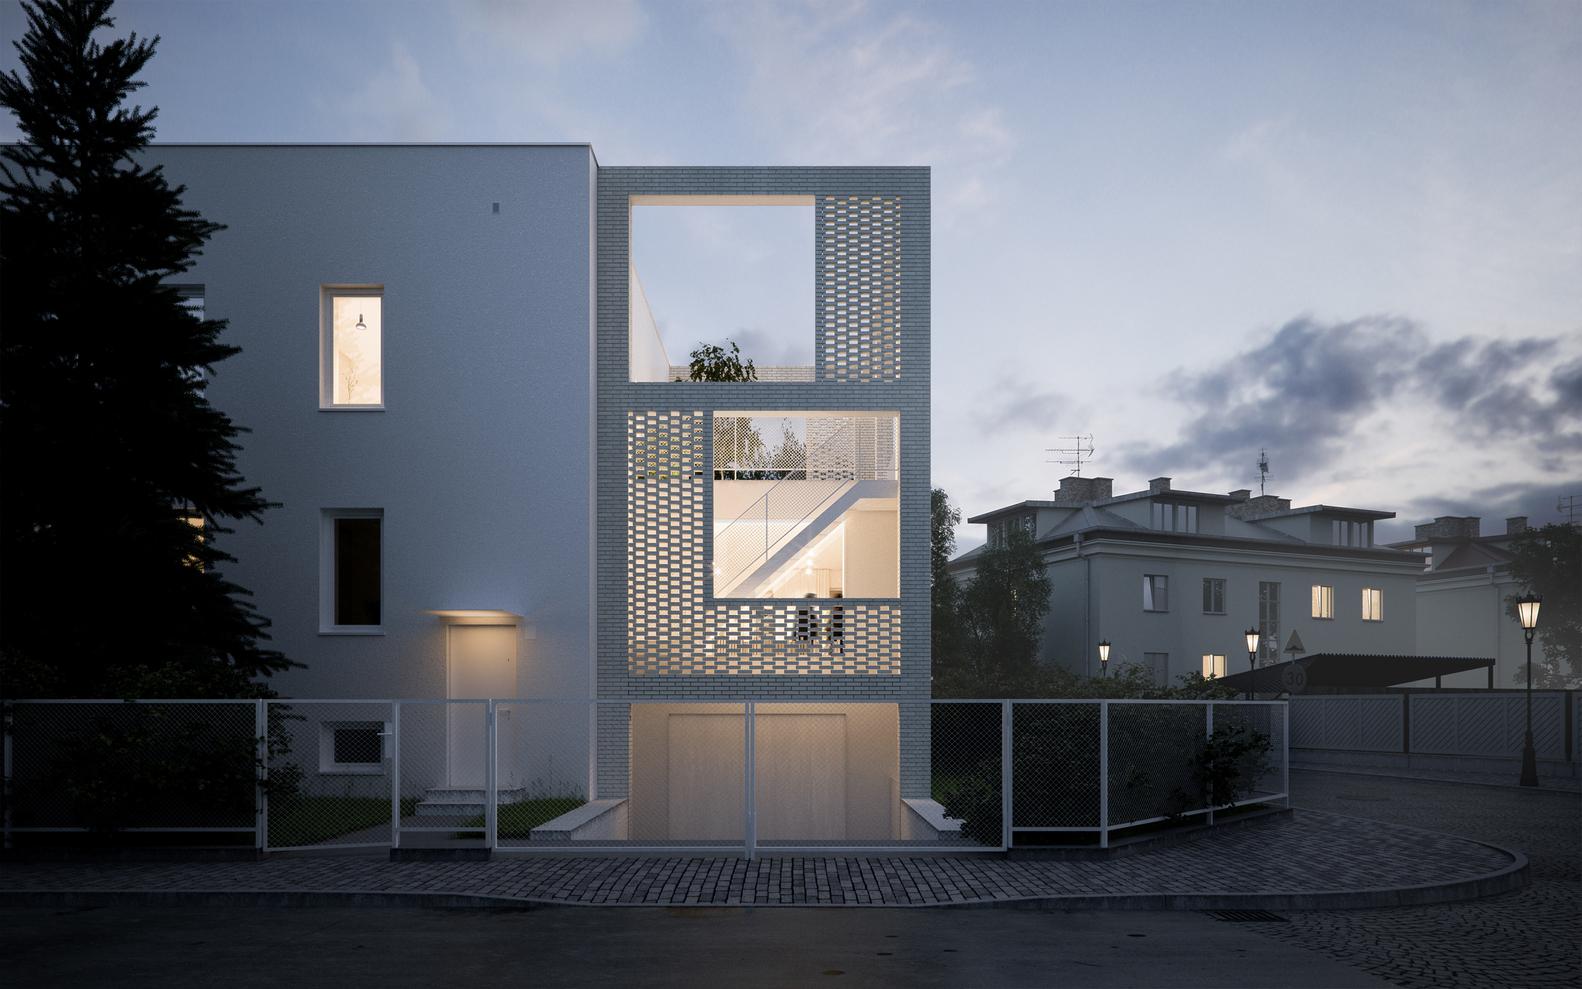 House_for_W_by_MFRMGR_viz01.jpg